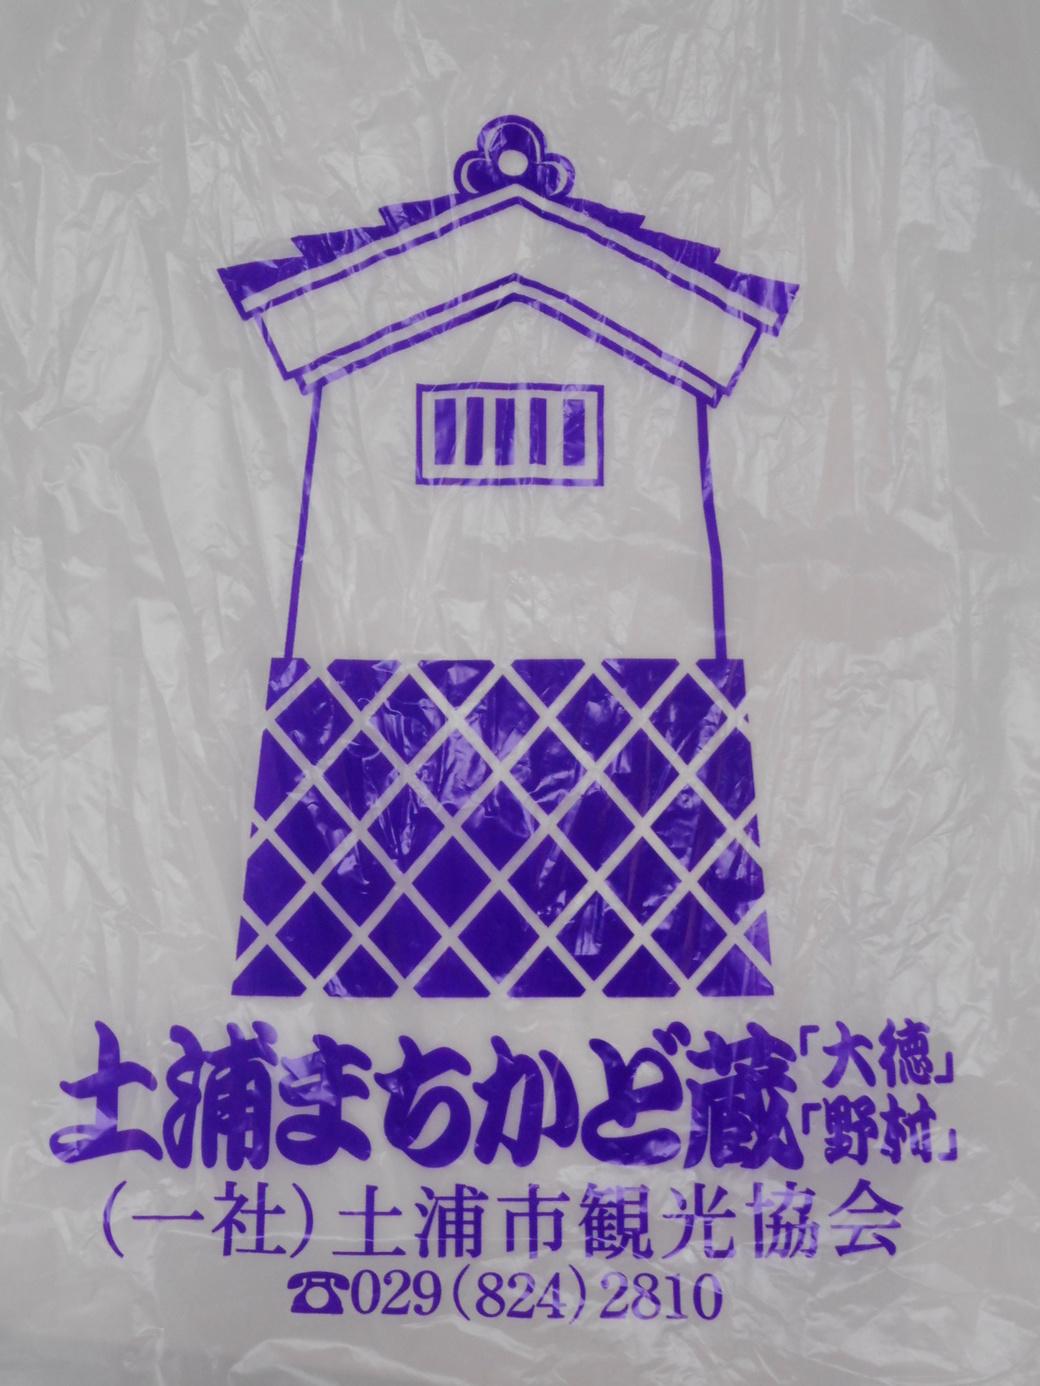 土浦まちかど蔵 大徳 name=